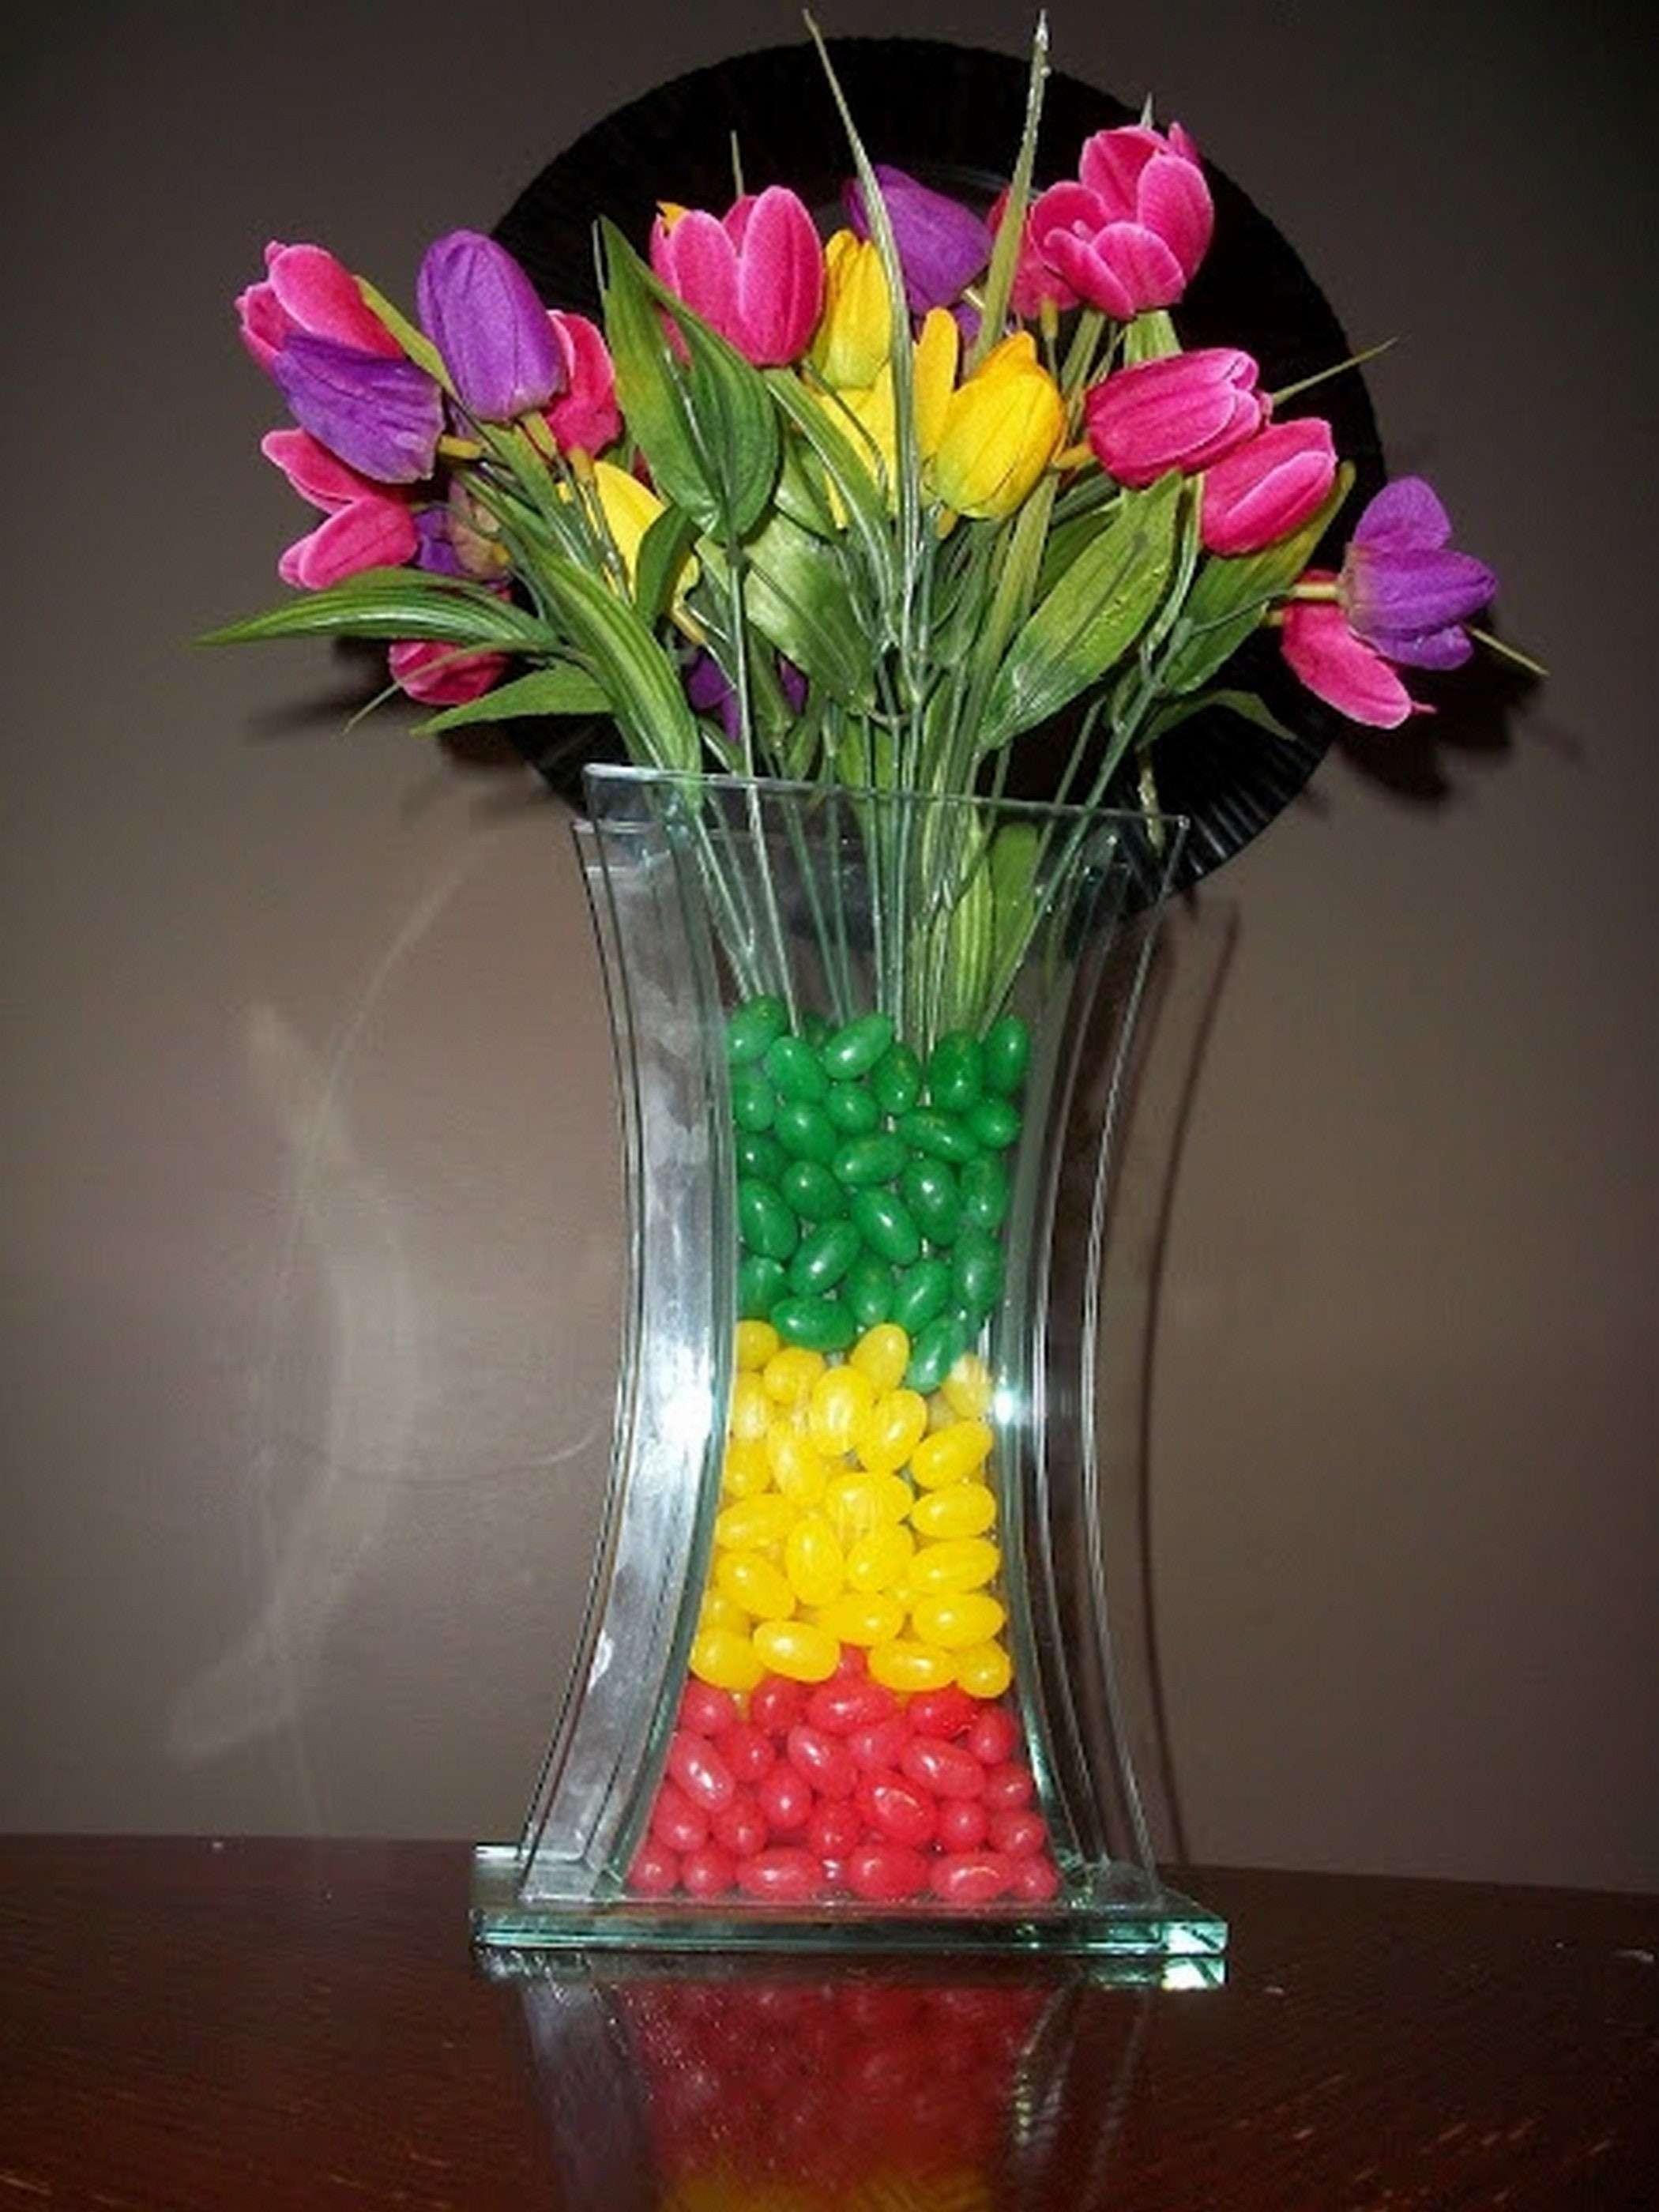 fake flower vase fillers of diy vase filler pics 15 cheap and easy diy vase filler ideas 3h with 15 cheap and easy diy vase filler ideas 3h vases flower i 0d scheme